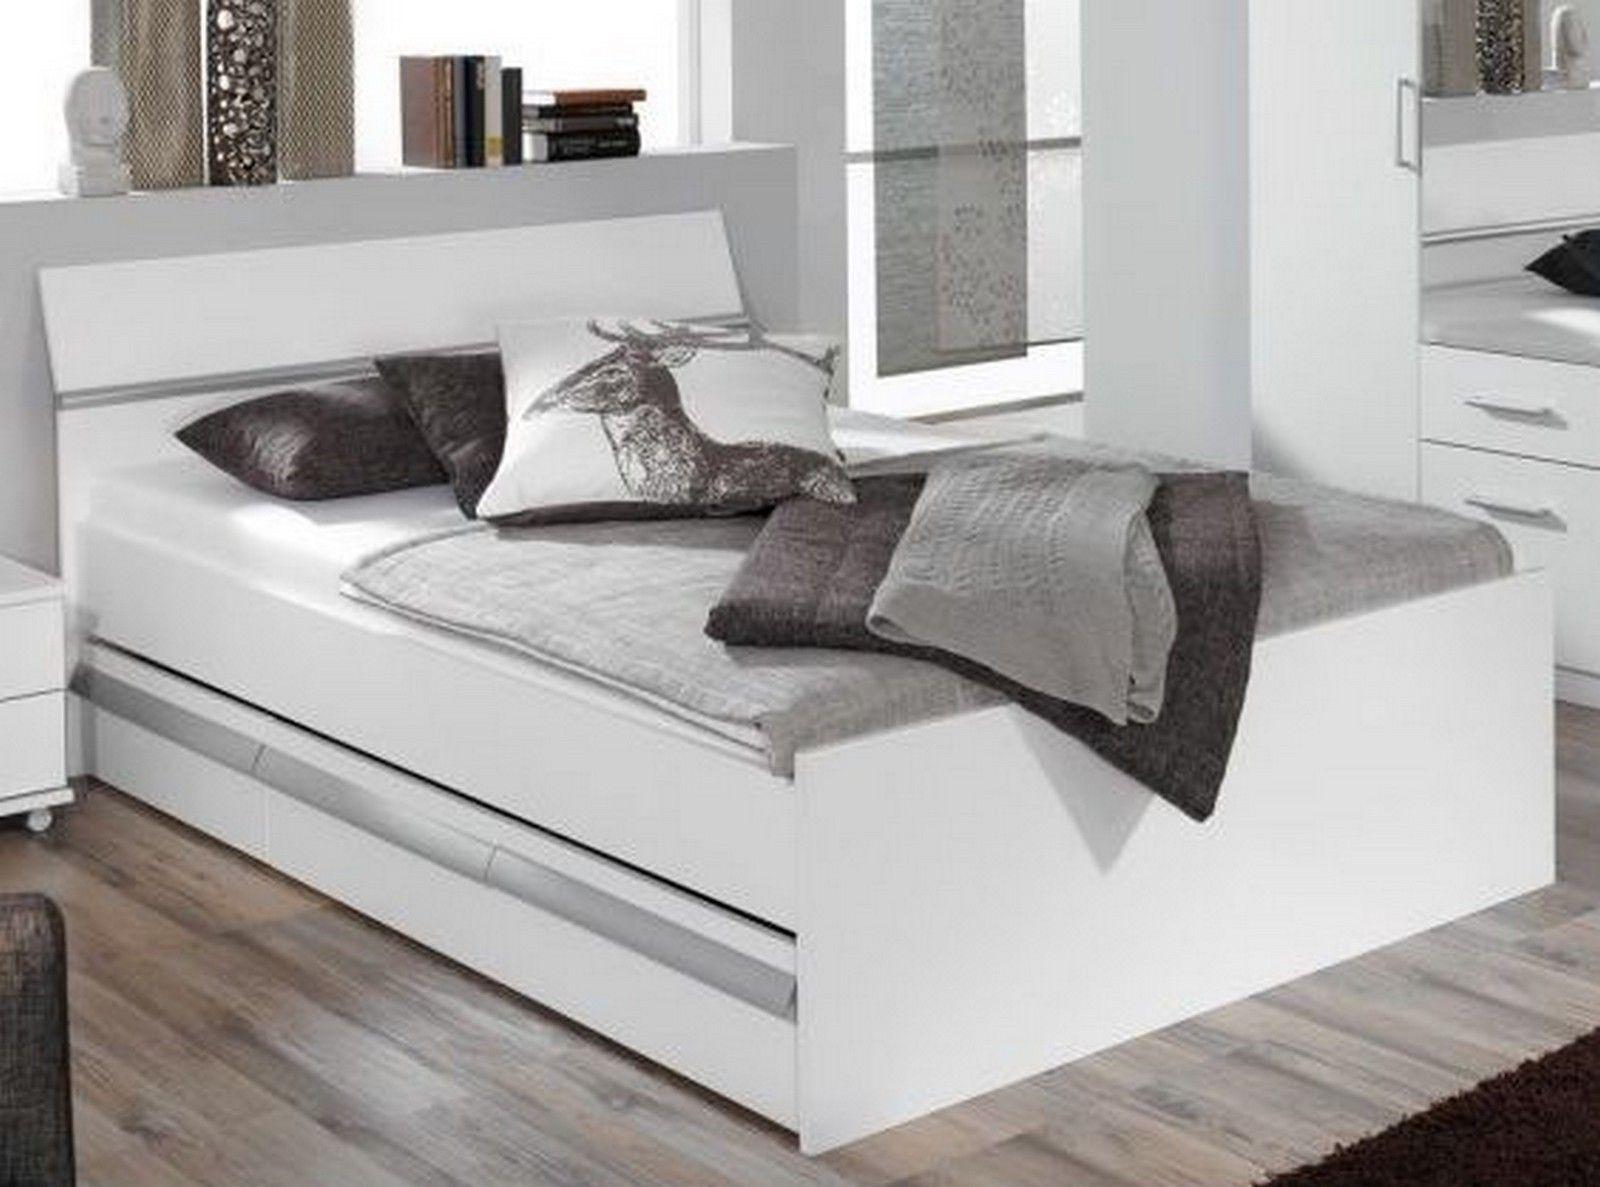 Genial bett weiß 140x200 mit bettkasten Bett mit